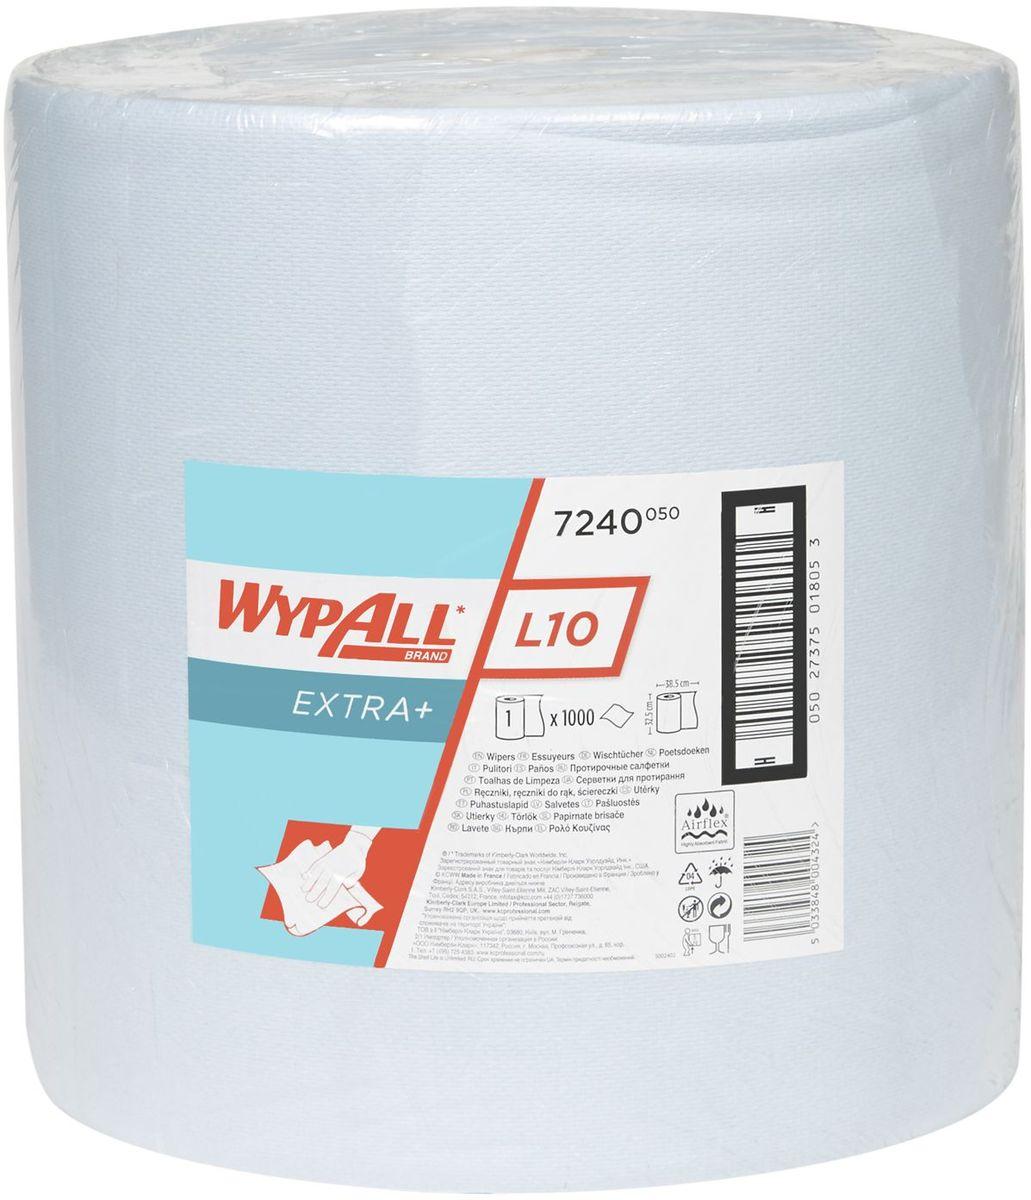 Полотенца бумажные Wypall L10 Extra, 1000 шт. 72407240Бумажные полотенца Wypall L10 Extra изготовленные из целлюлозы, обладают отличной впитывающей способностью, долговечностью и прочностью, как в сухом, так и во влажном состоянии. Подходят для работы по очистке от клея, масла, мусора, стекол, а также для прецизионной очистки сложных механизмов и деталей. Бумажные полотенца Wypall L10 Extra могут использоваться с переносными или стационарными диспенсерами для контроля расхода продукта и уменьшения объема отходов. Количество полотенец: 1000 шт.